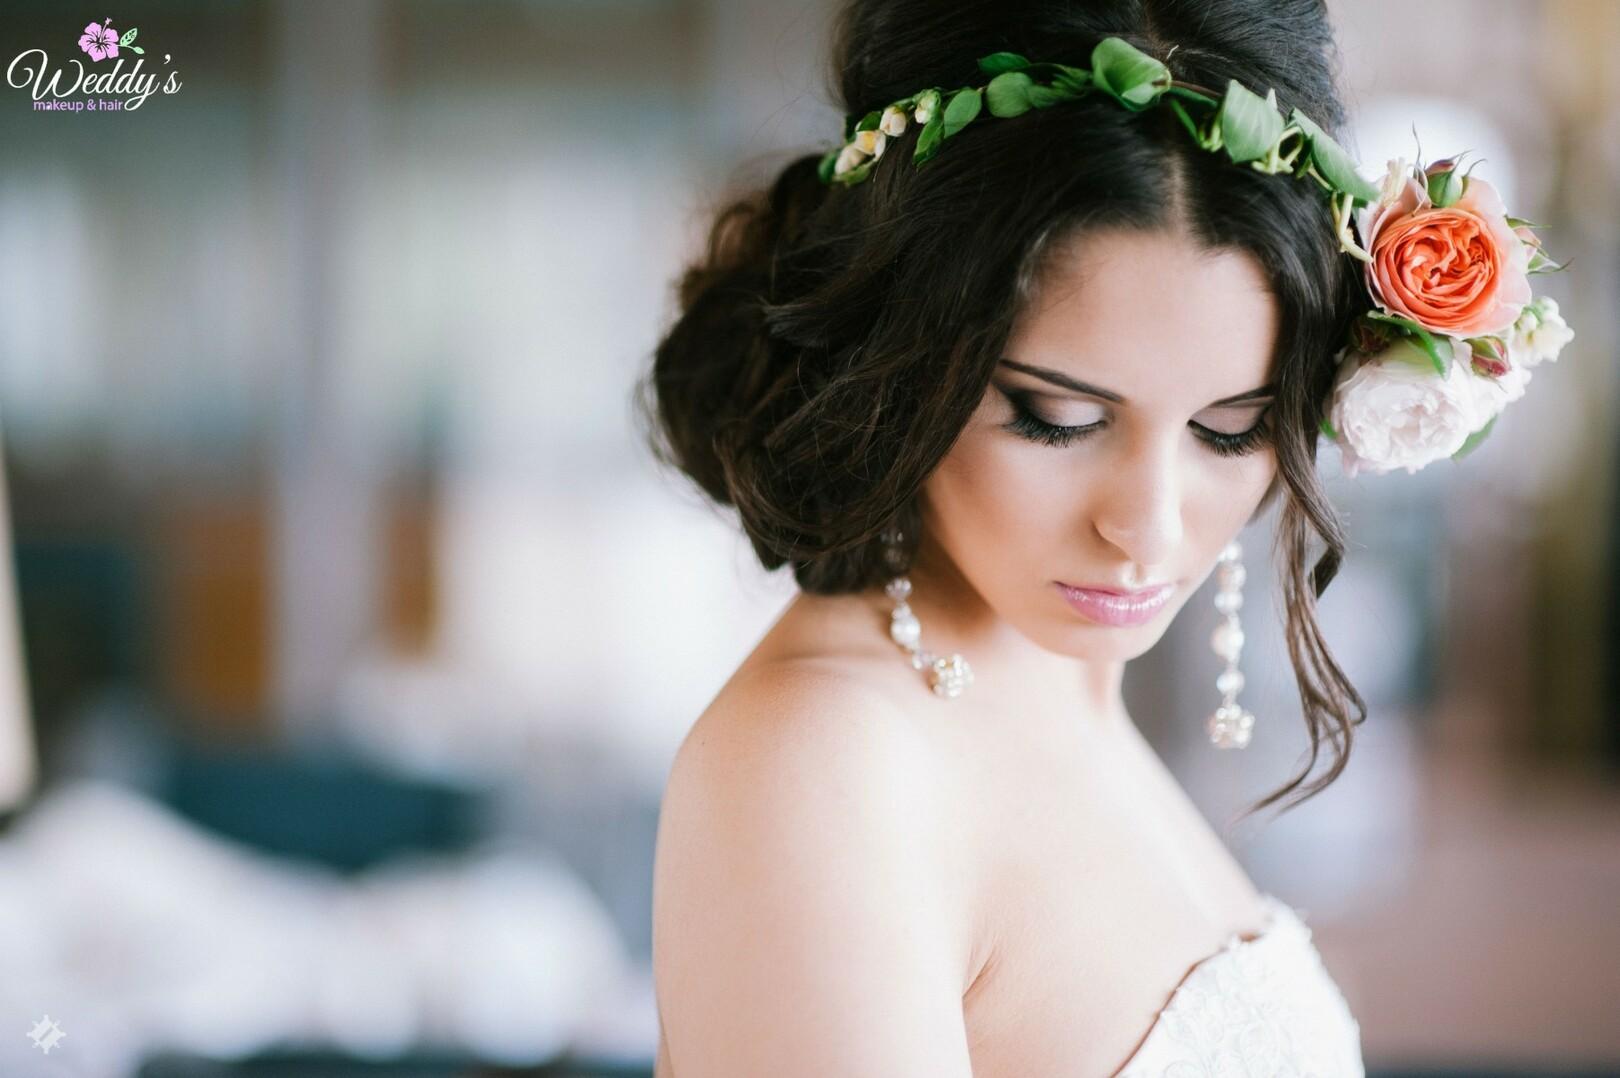 Макияж на свадьбу с прической